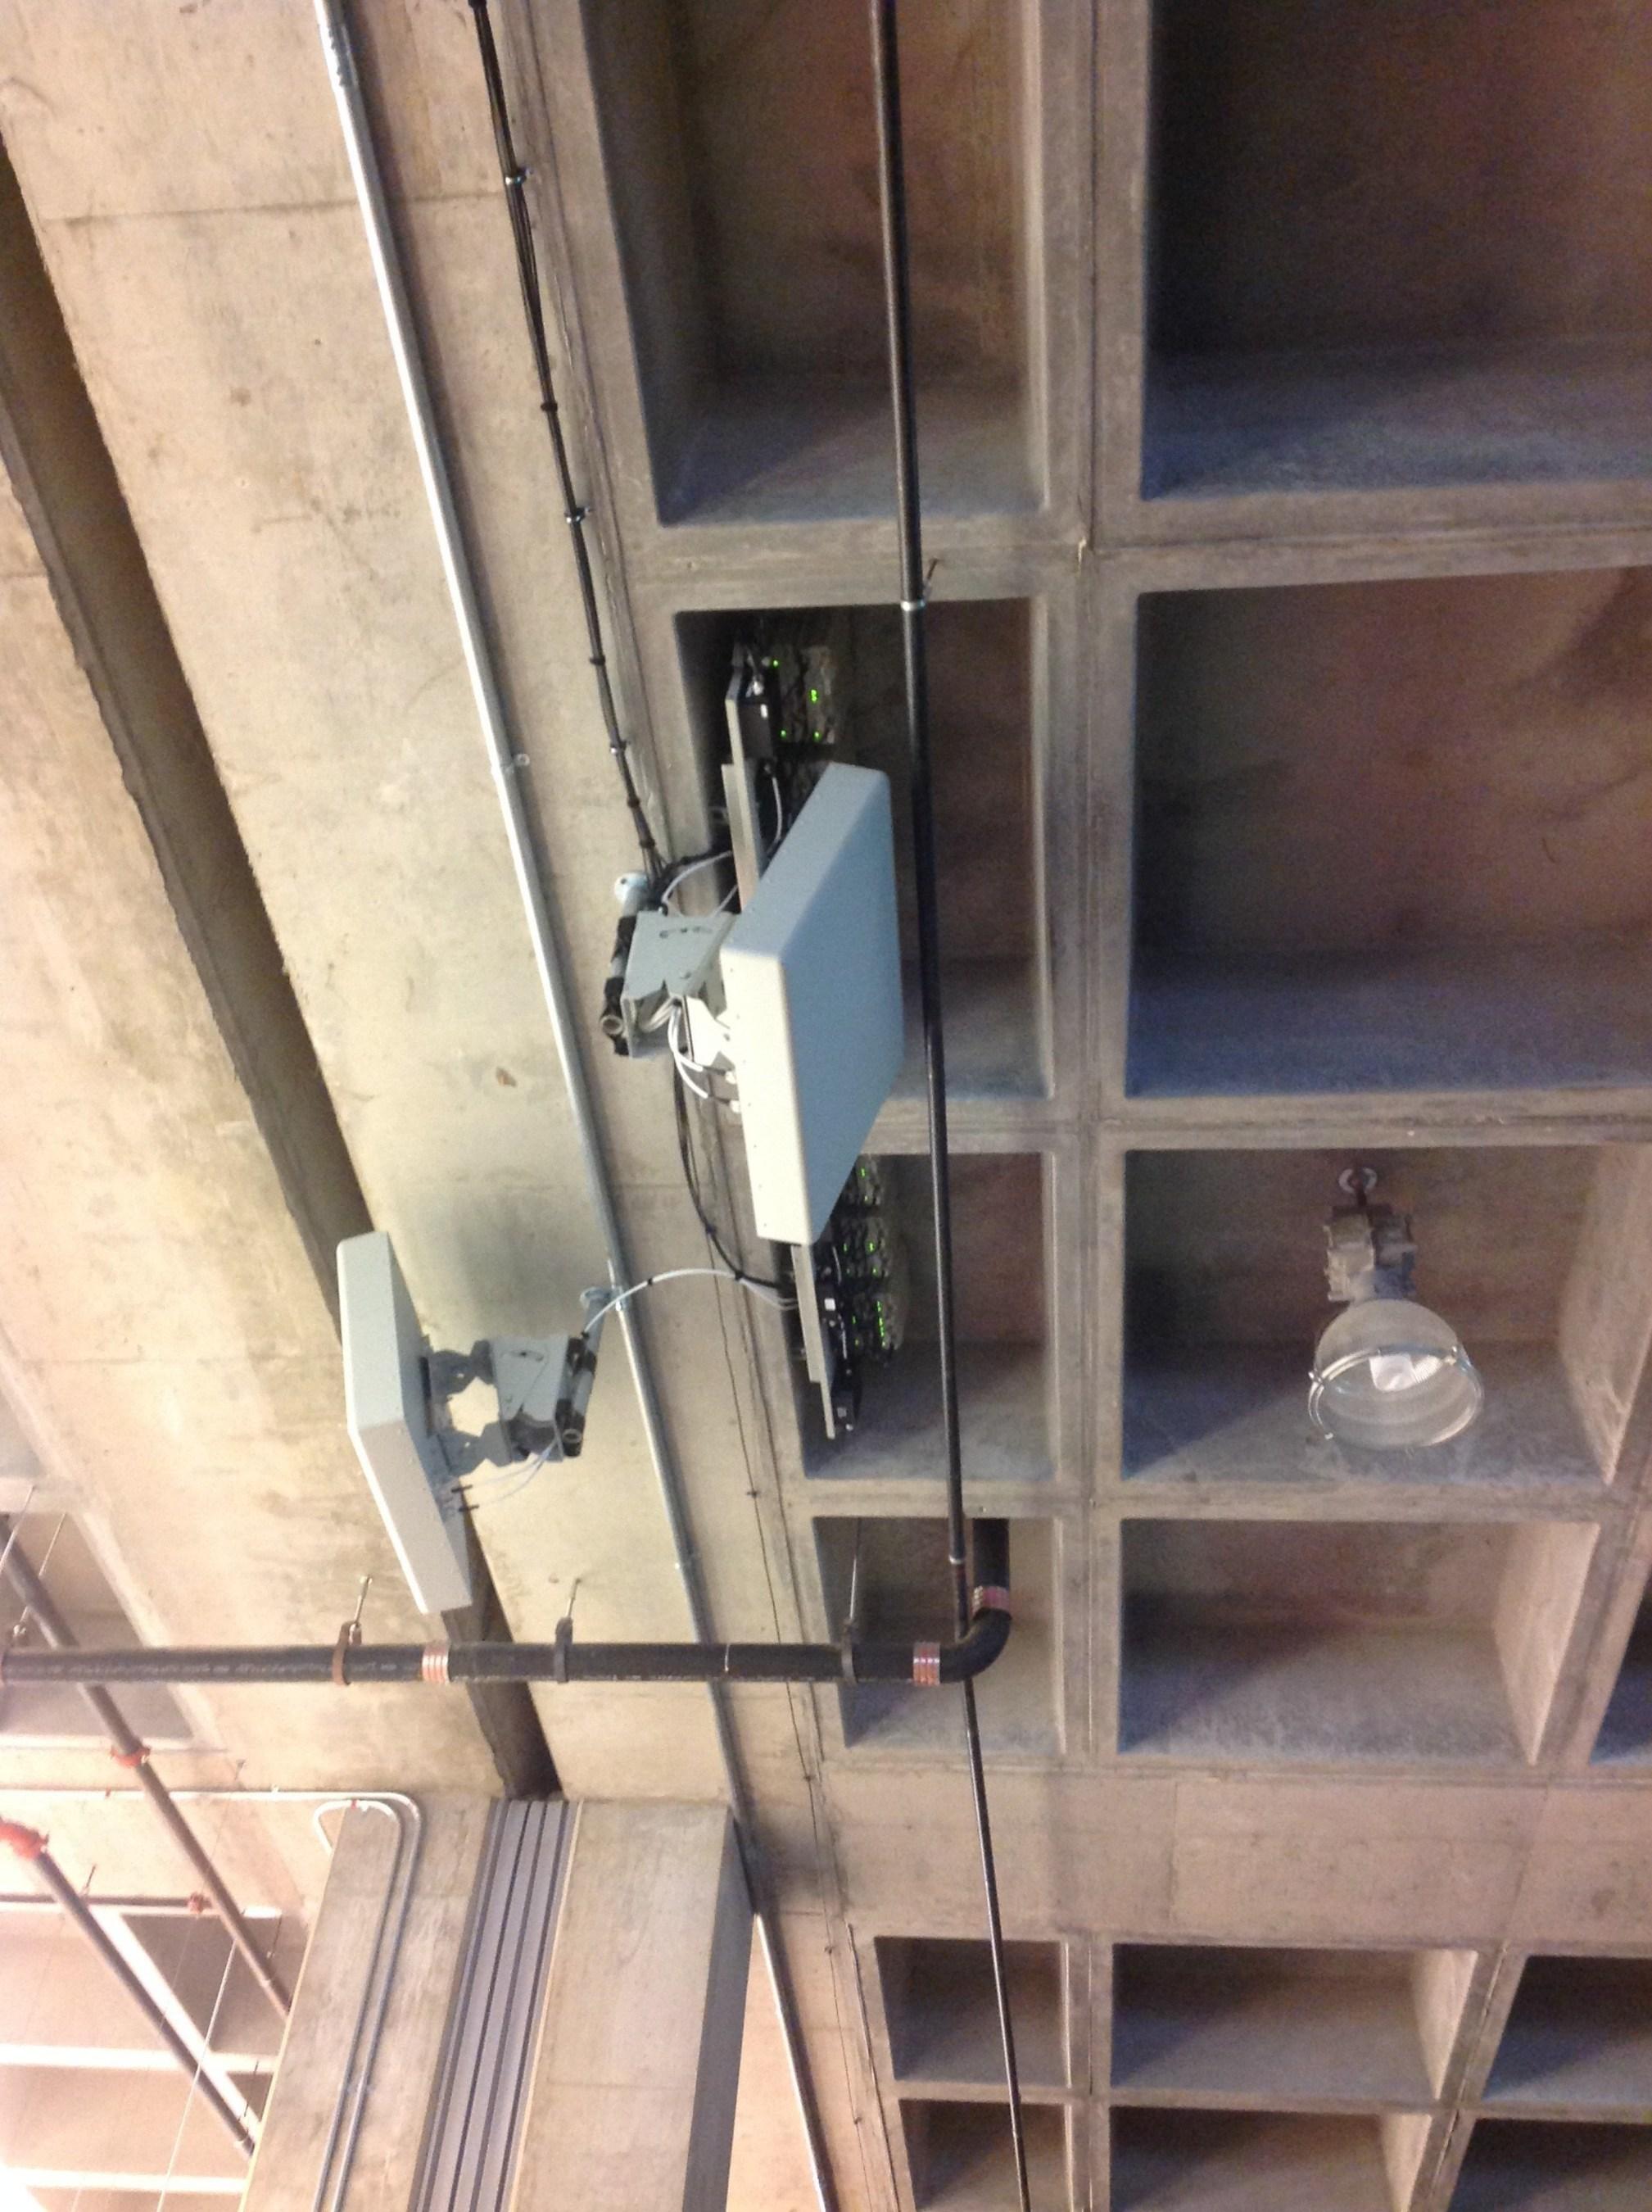 Indoor DAS antennas in a stadium installation